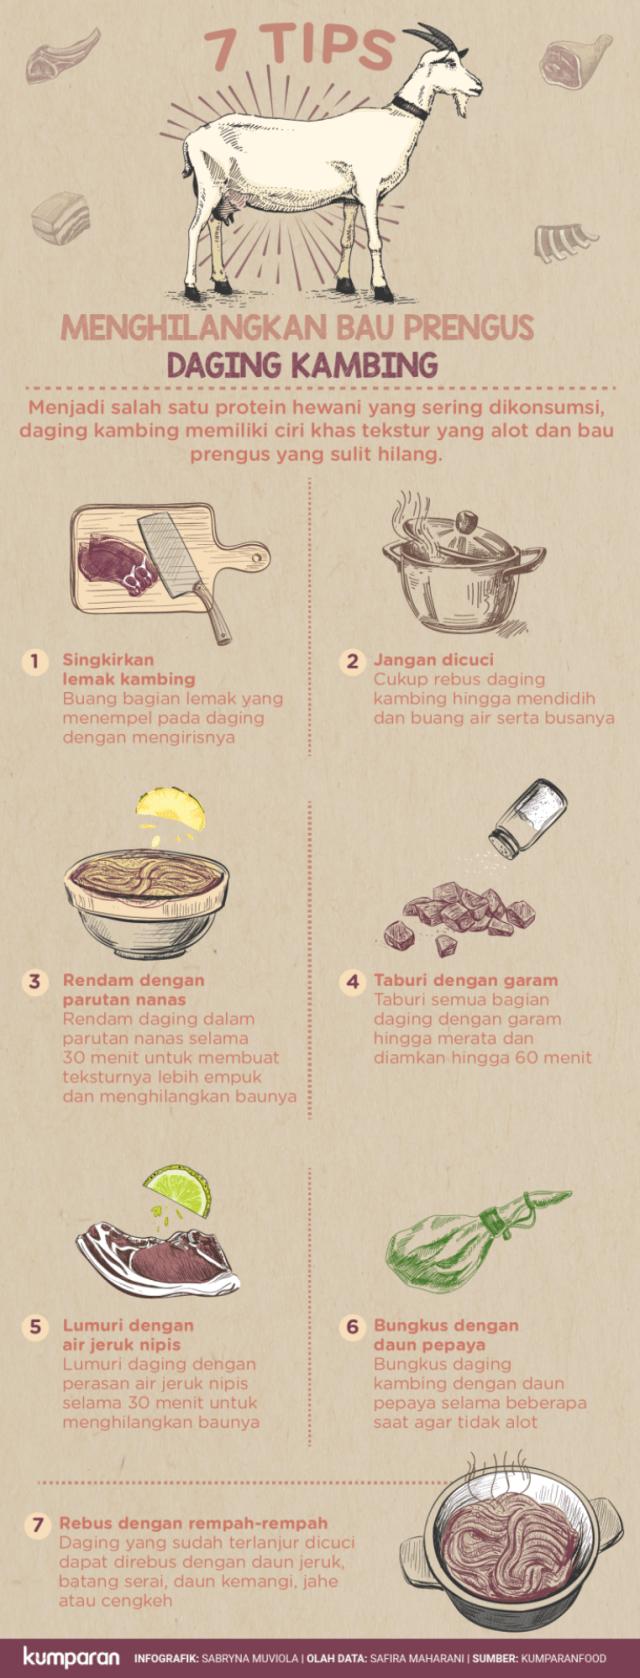 Cara Memasak Daging Agar Tidak Alot dan Keras Ala Chef Ari